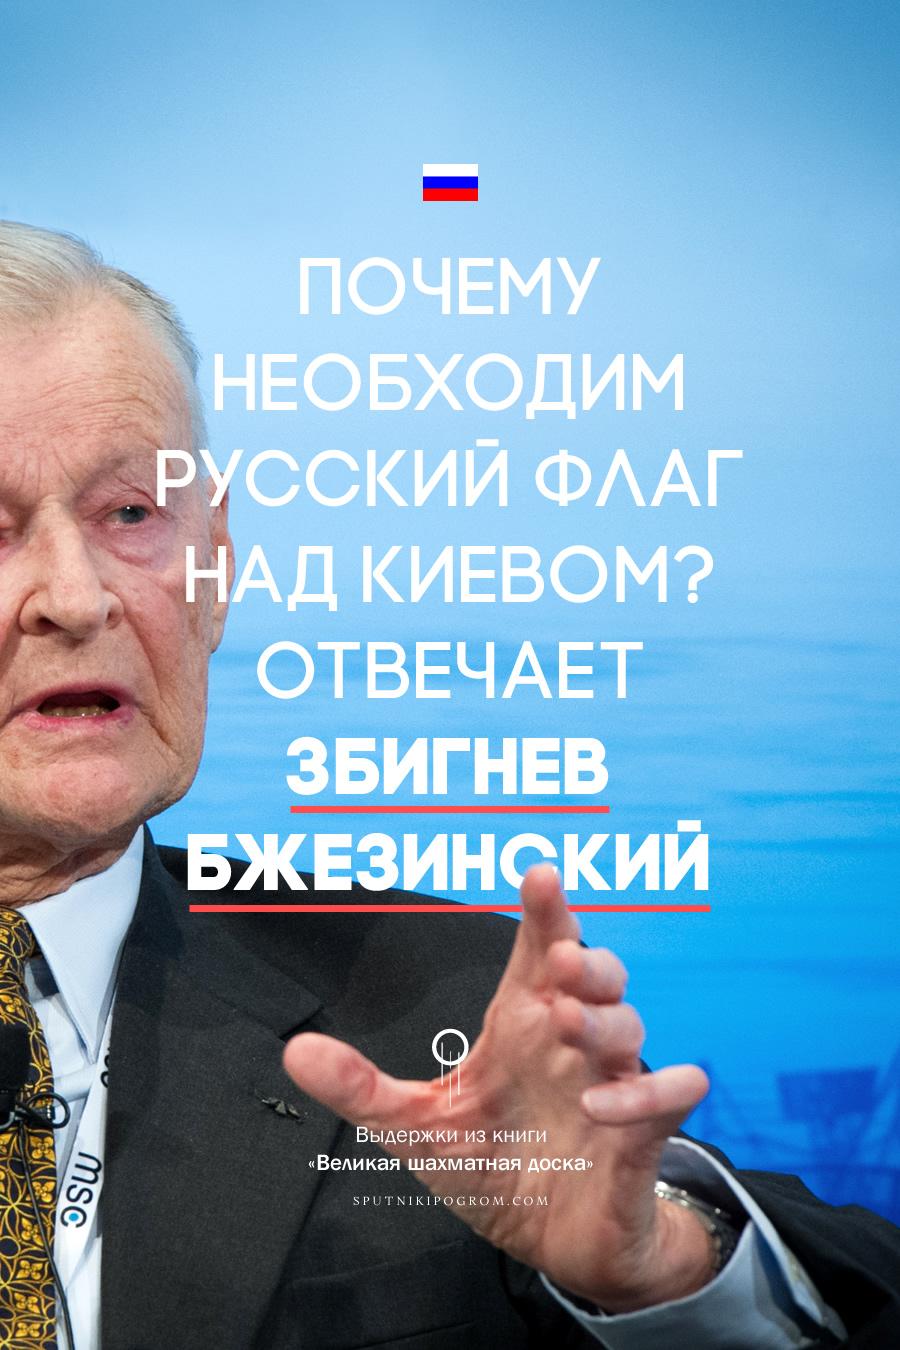 Почему необходим русский флаг над Киевом? Отвечает Збигнев Бжезинский